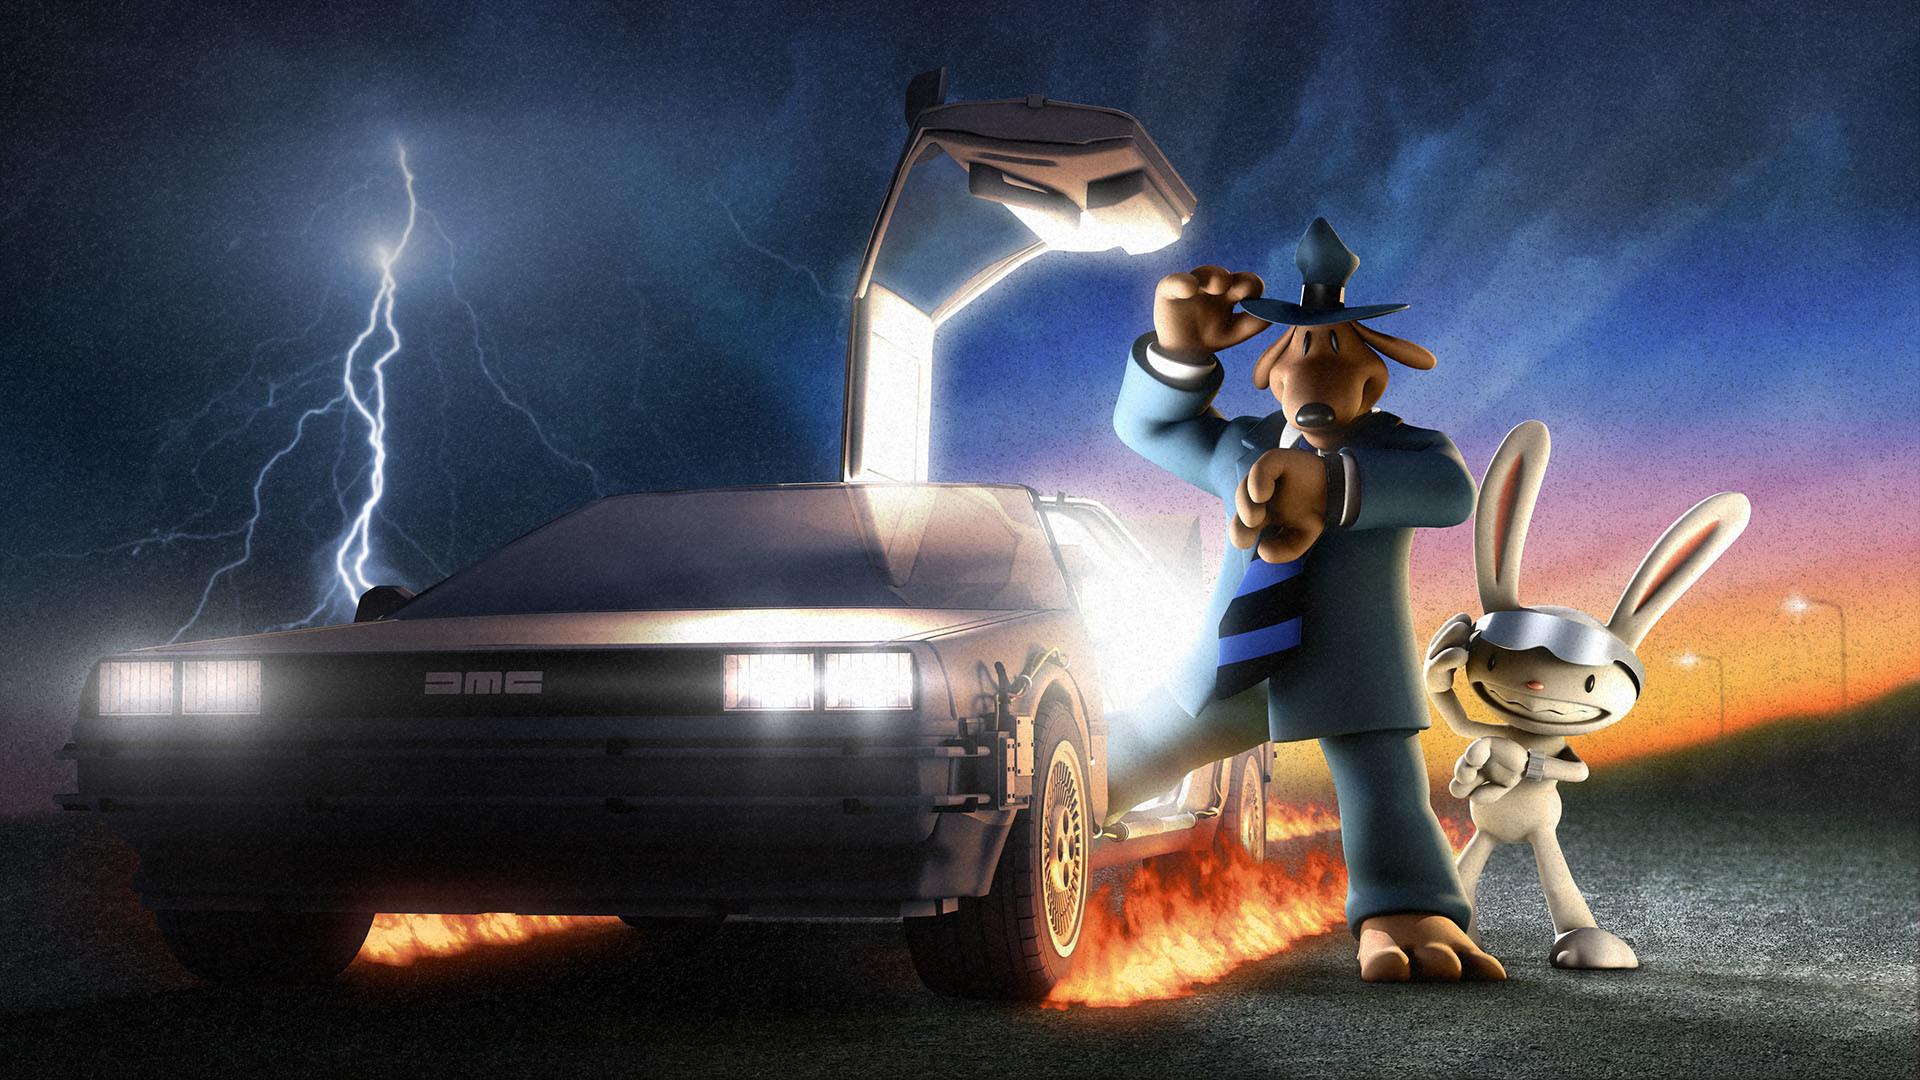 Video games Back to the Future Sam And Max DeLorean DMC-12 wallpaper |  | 60232 | WallpaperUP